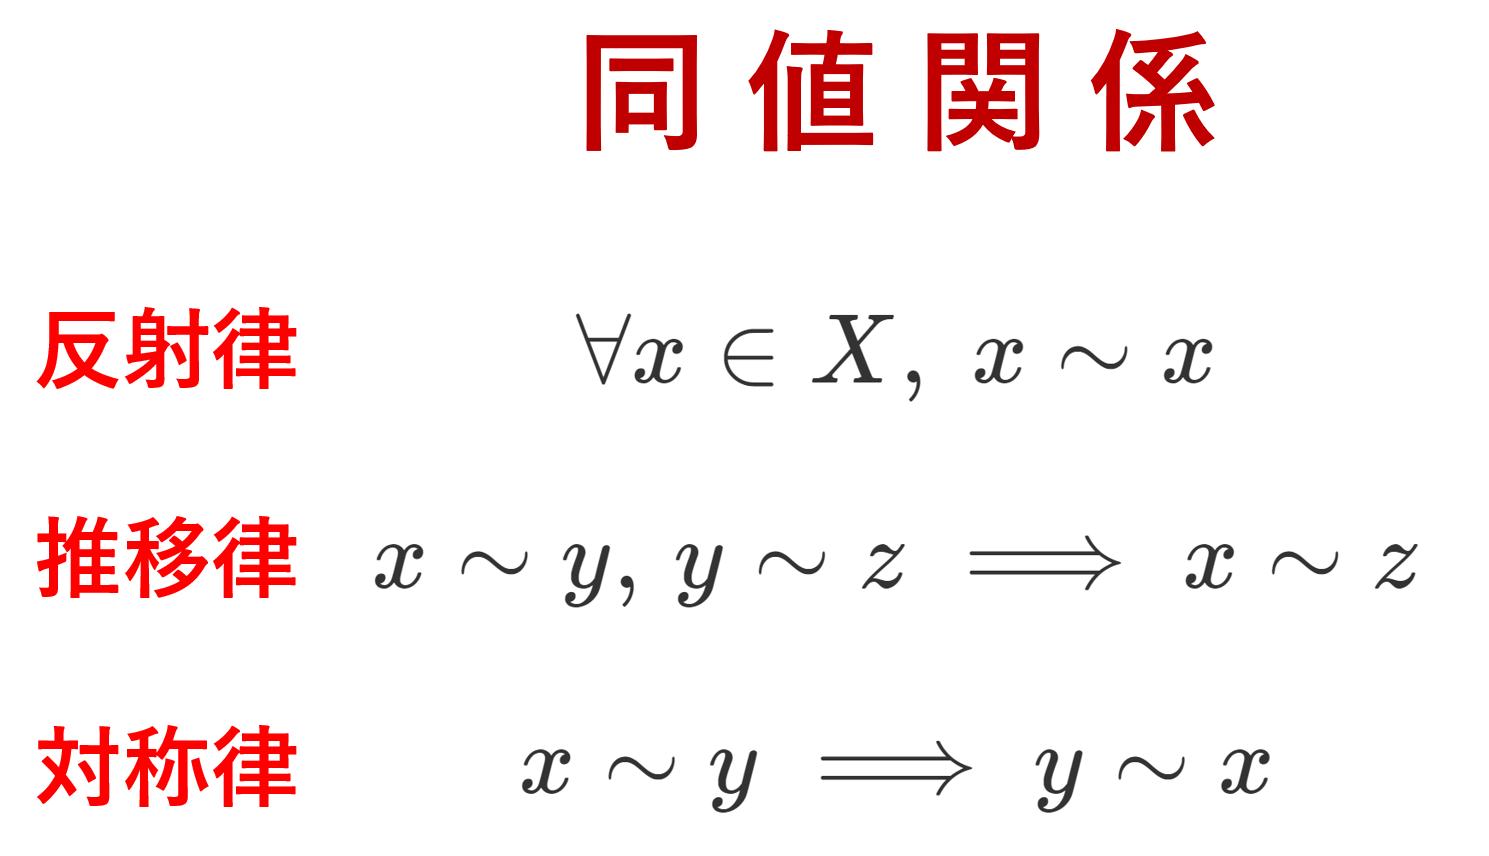 同値関係の定義と重要な具体例5つ